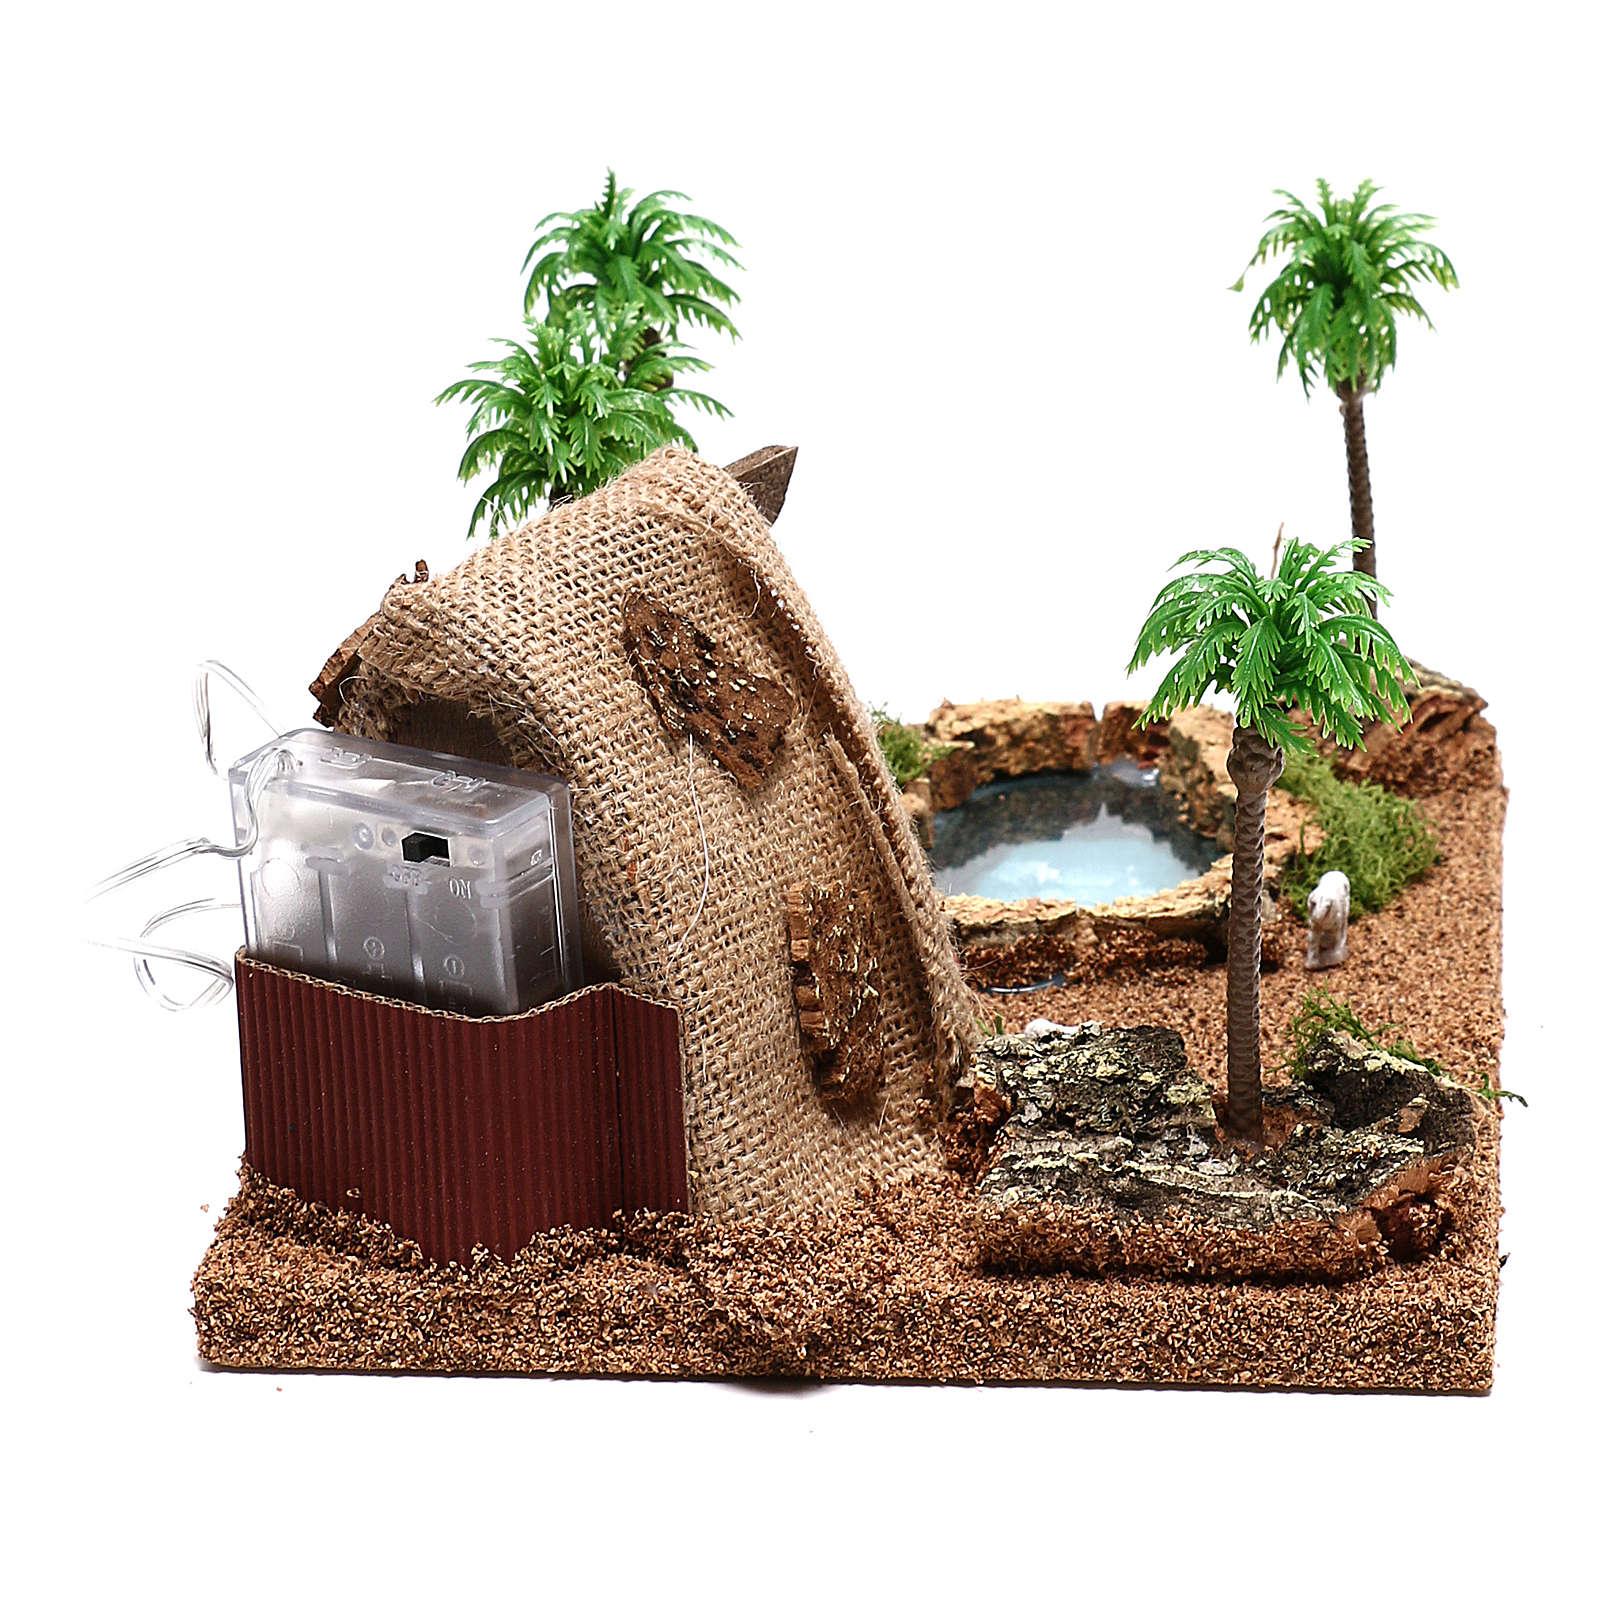 Ambientación con natividad y cueva iluminada 10x25x20 cm belén 4 cm 4